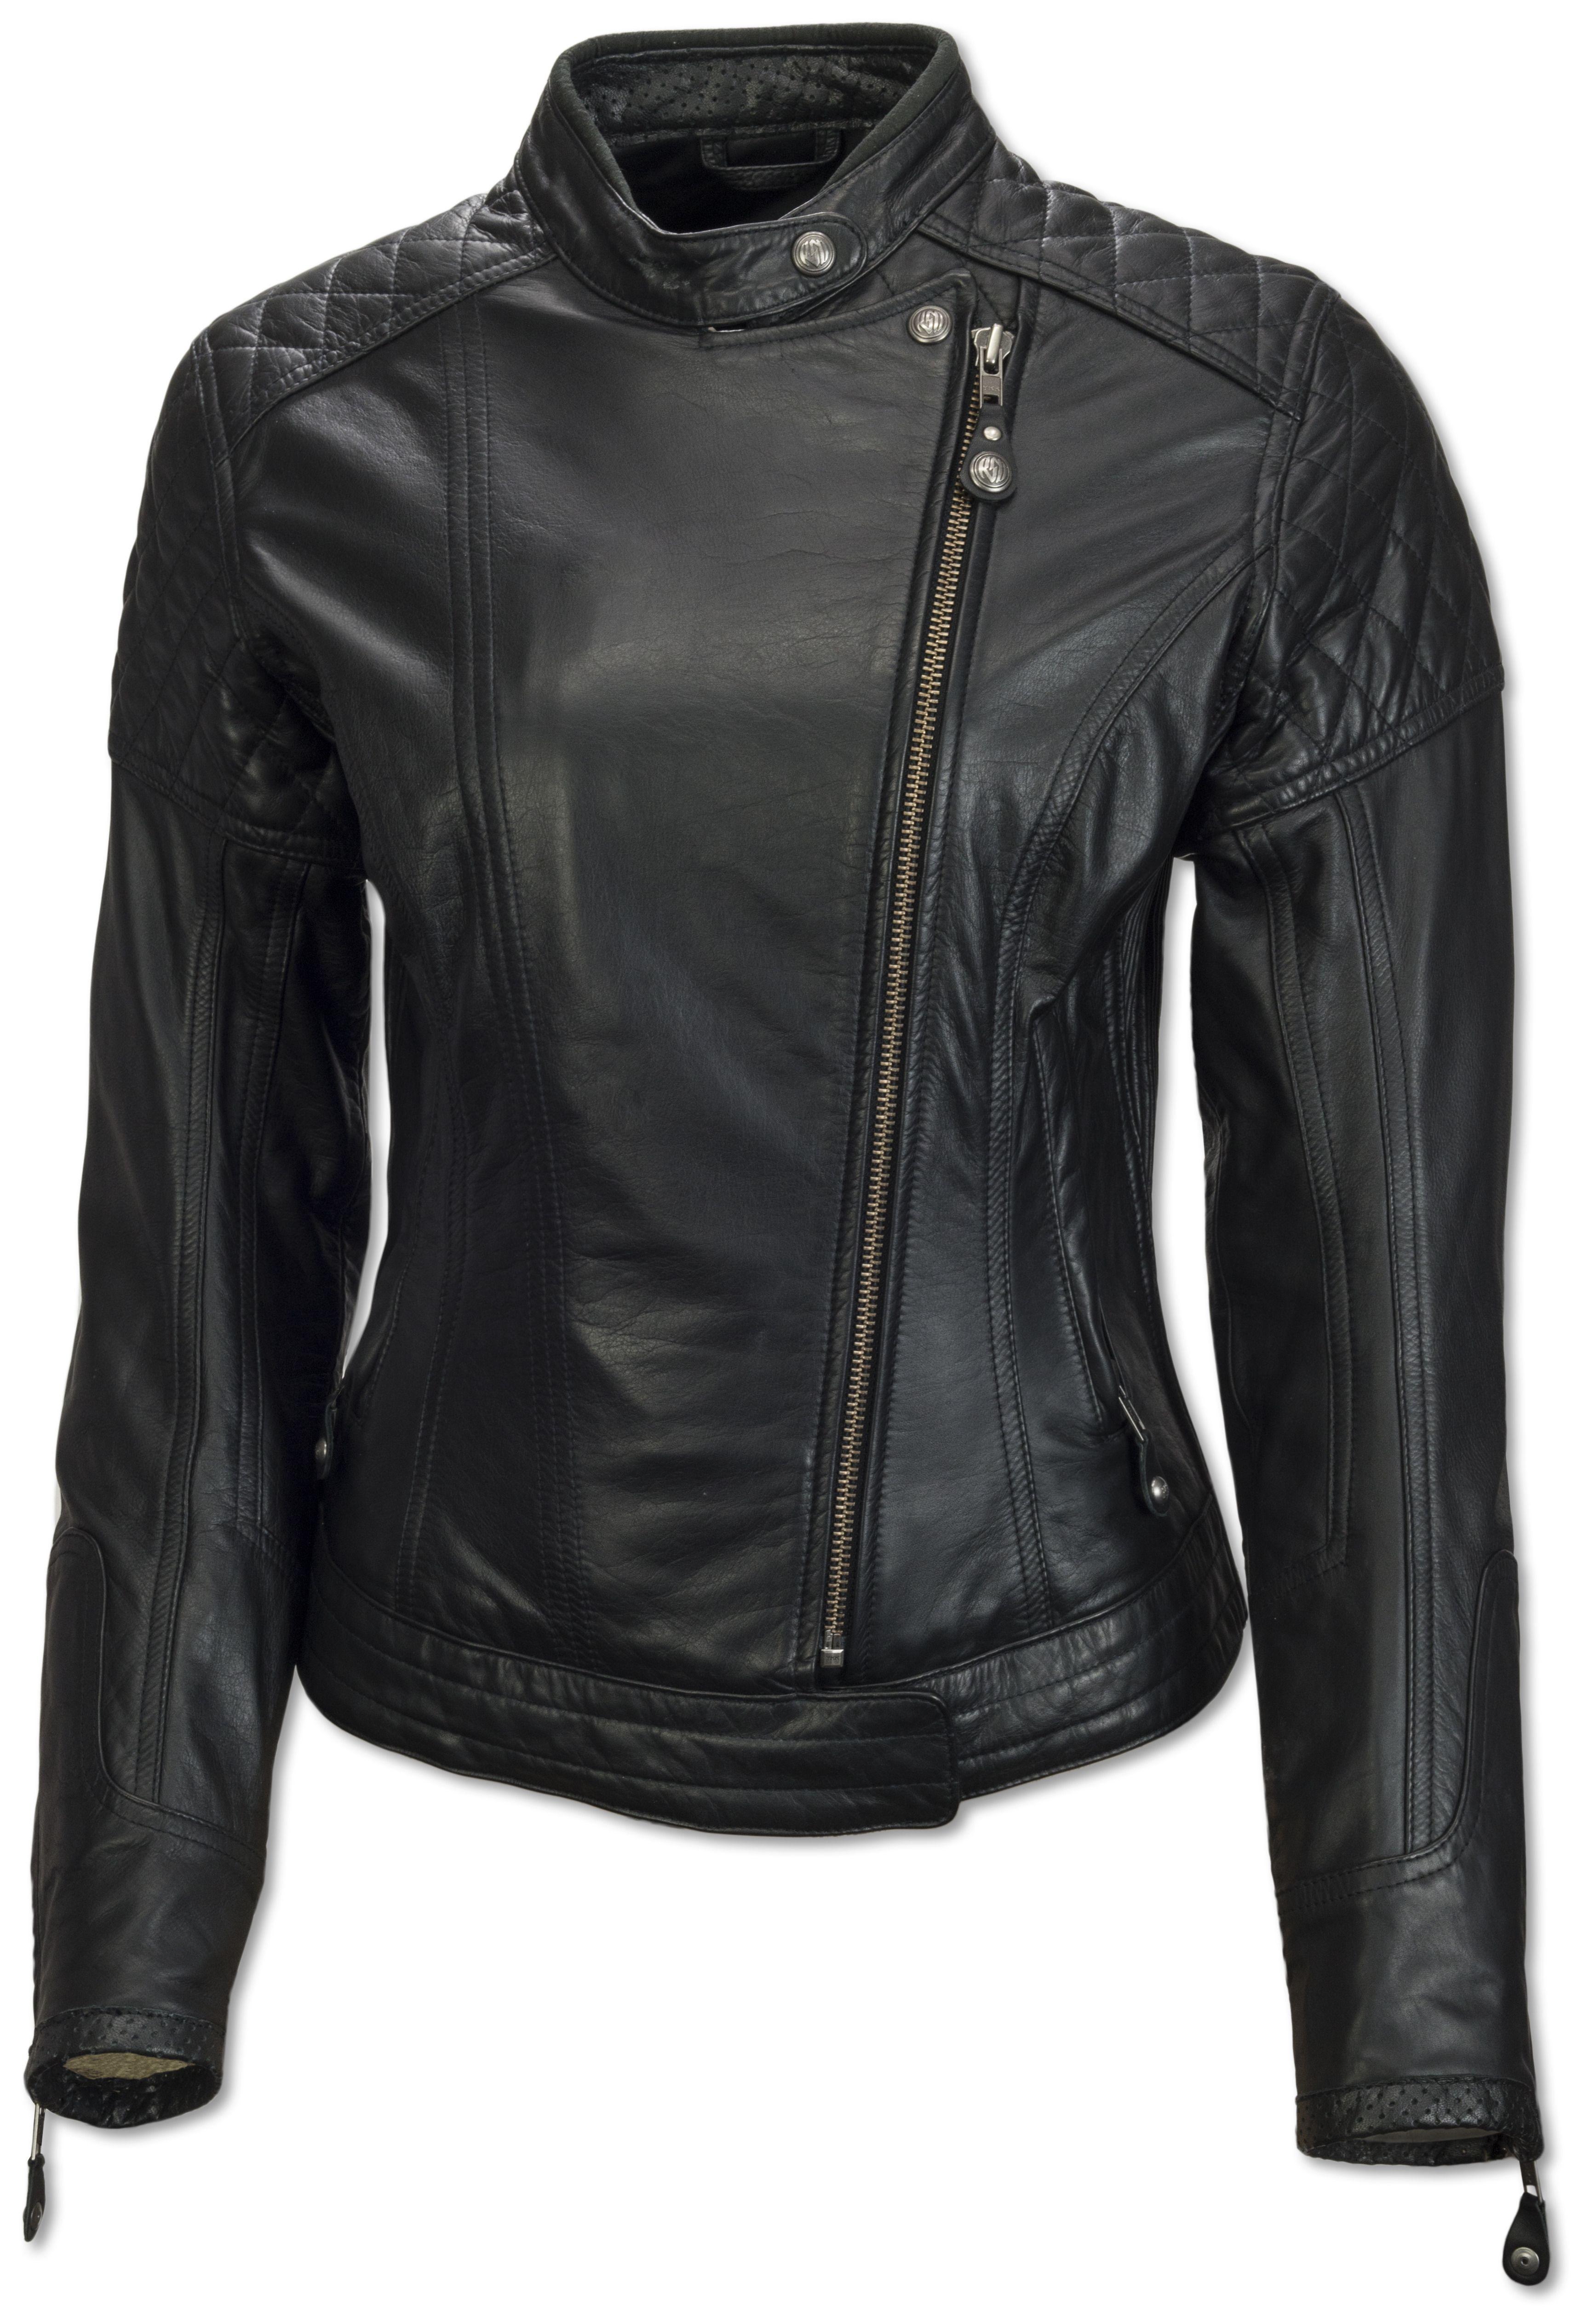 4f119fff9 Roland Sands Riot Women's Jacket